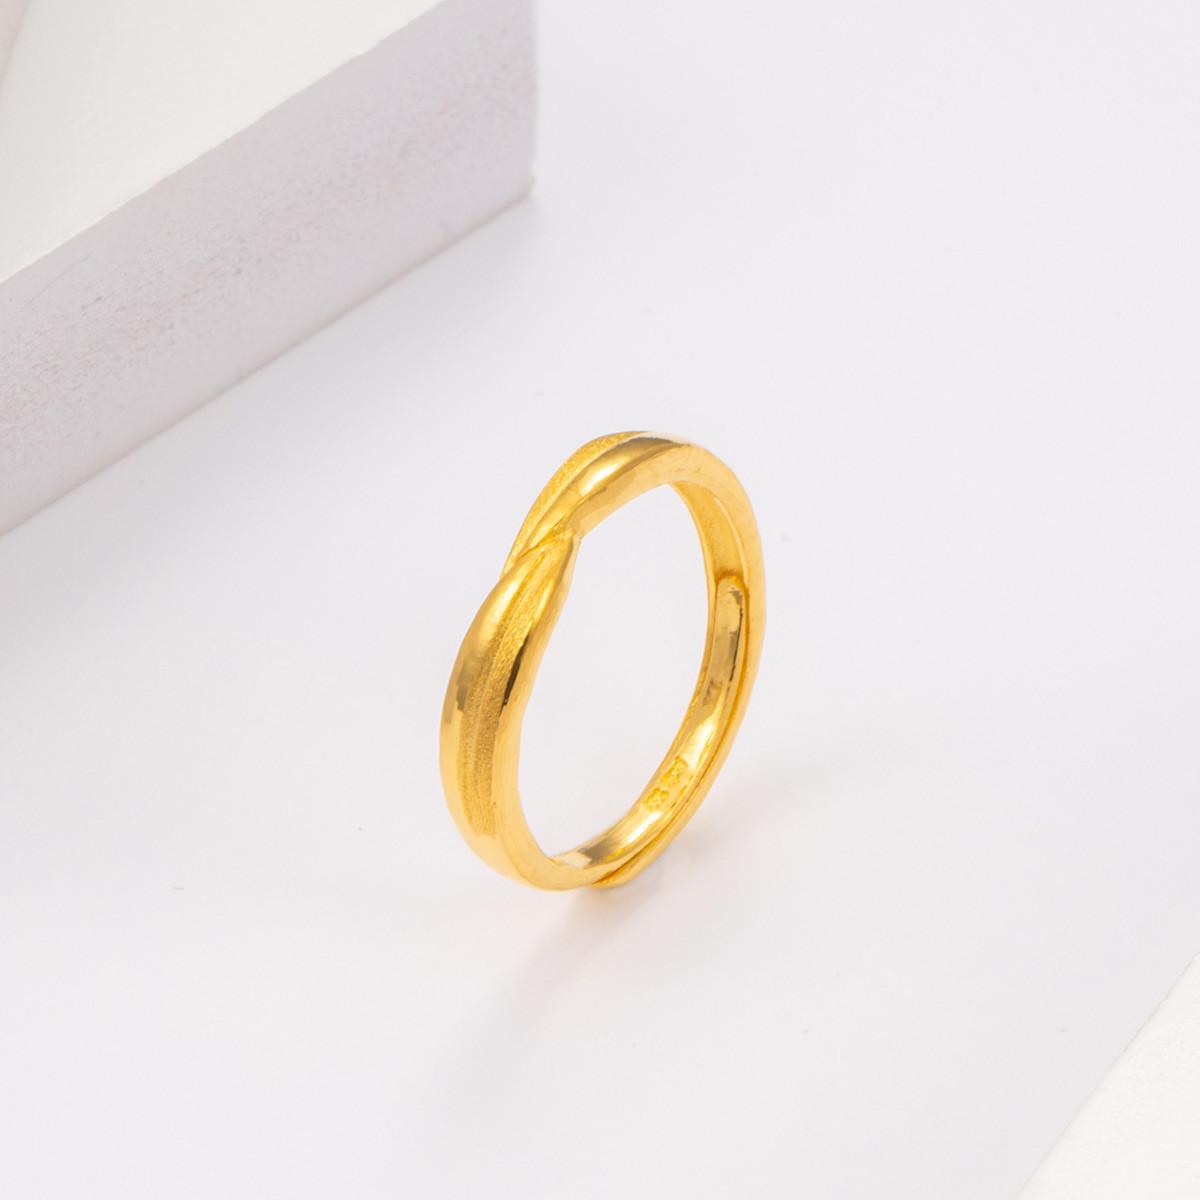 中国黄金足金戒指女士黄金戒指遇见你的那天起戒指精品计价ZGHJJZ2350